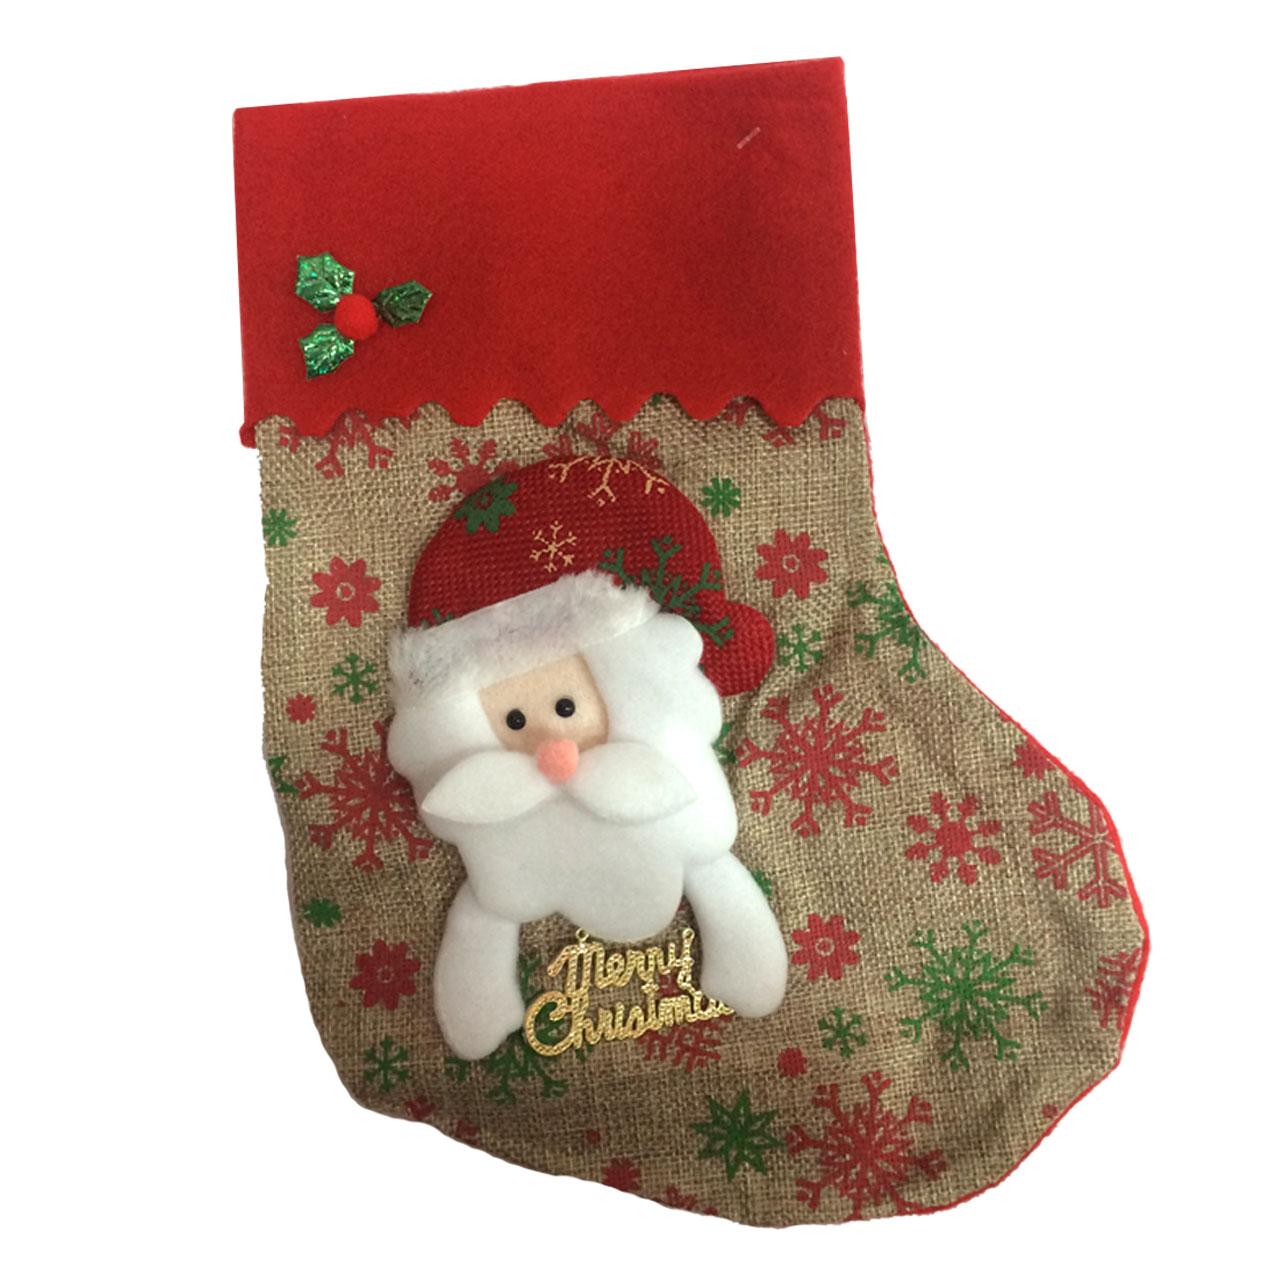 آویز درخت کریسمس مدل Santa Cause